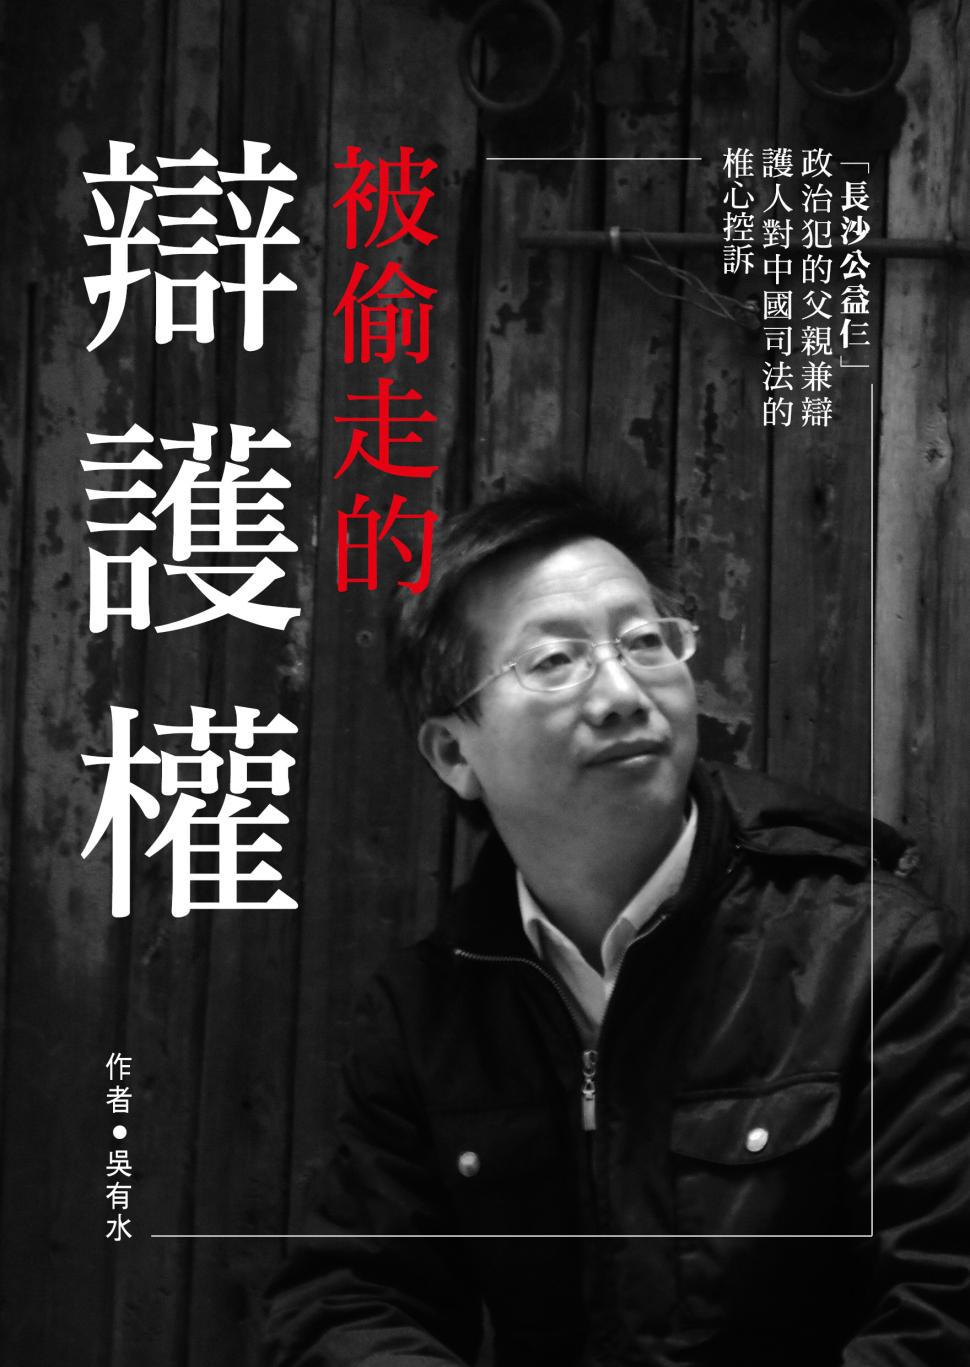 被偷走的辯護權「長沙公益仨」政治犯家屬兼辯護人對中國司法的椎心控訴